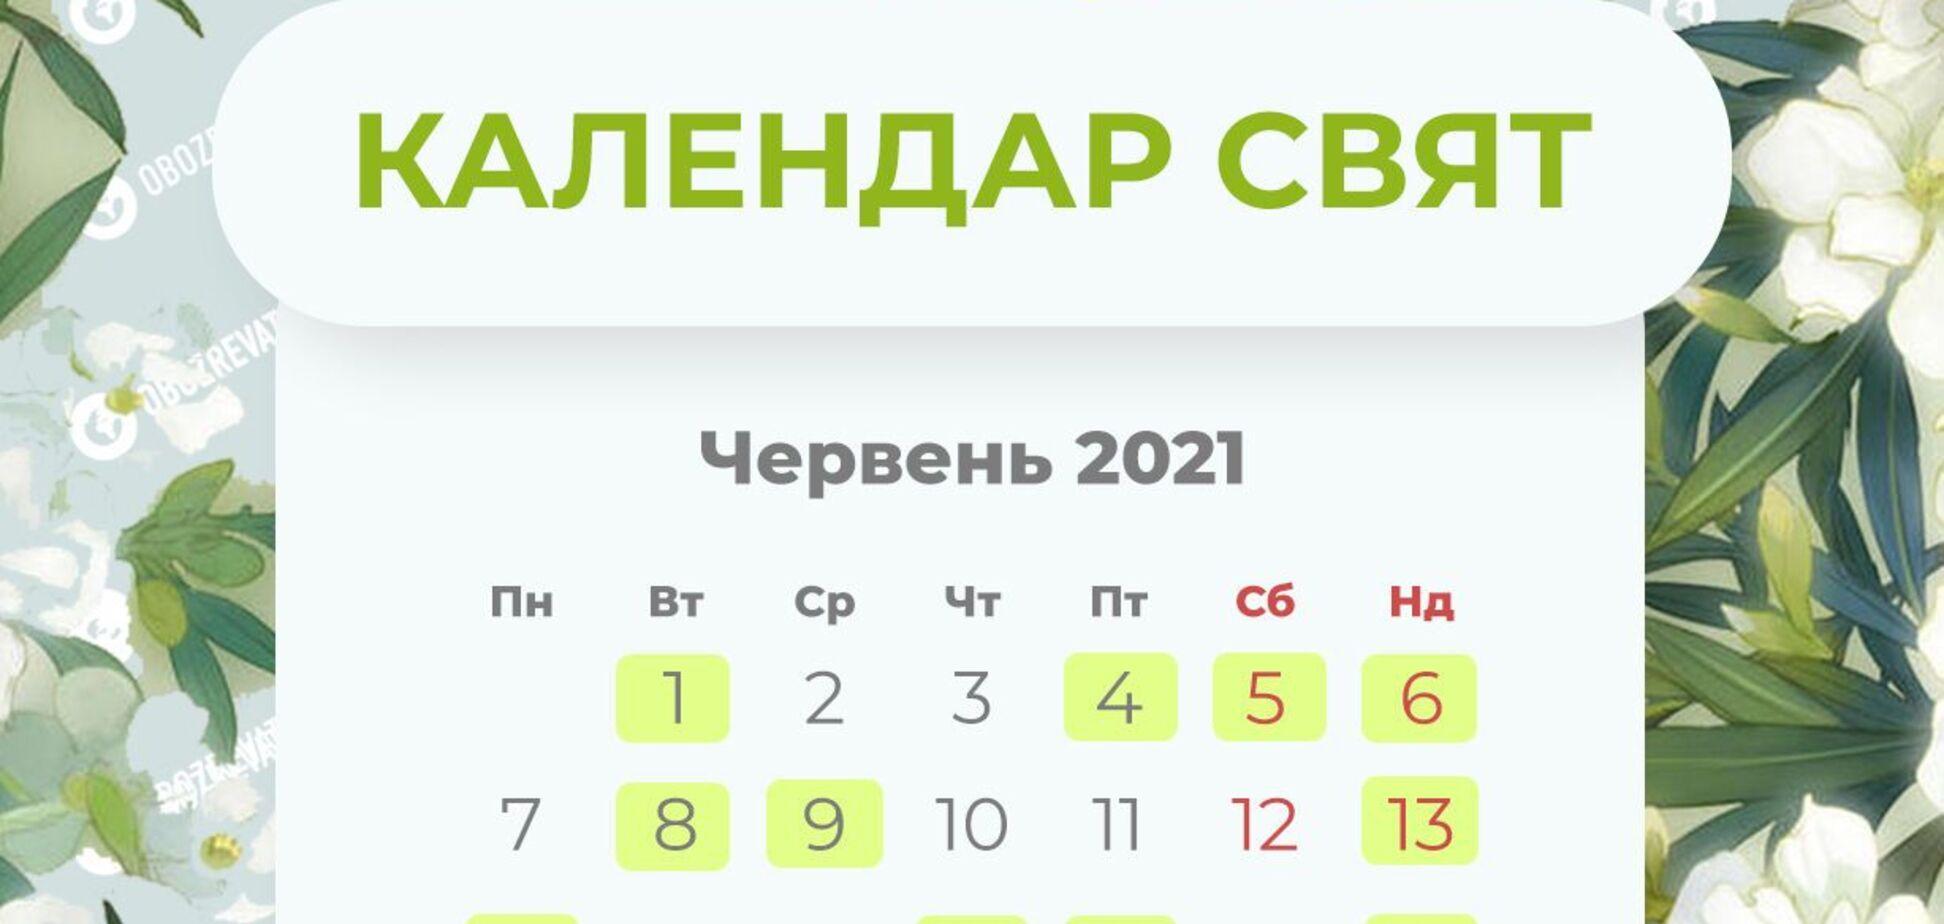 В июне 2021 года всего будет десять официальных выходных